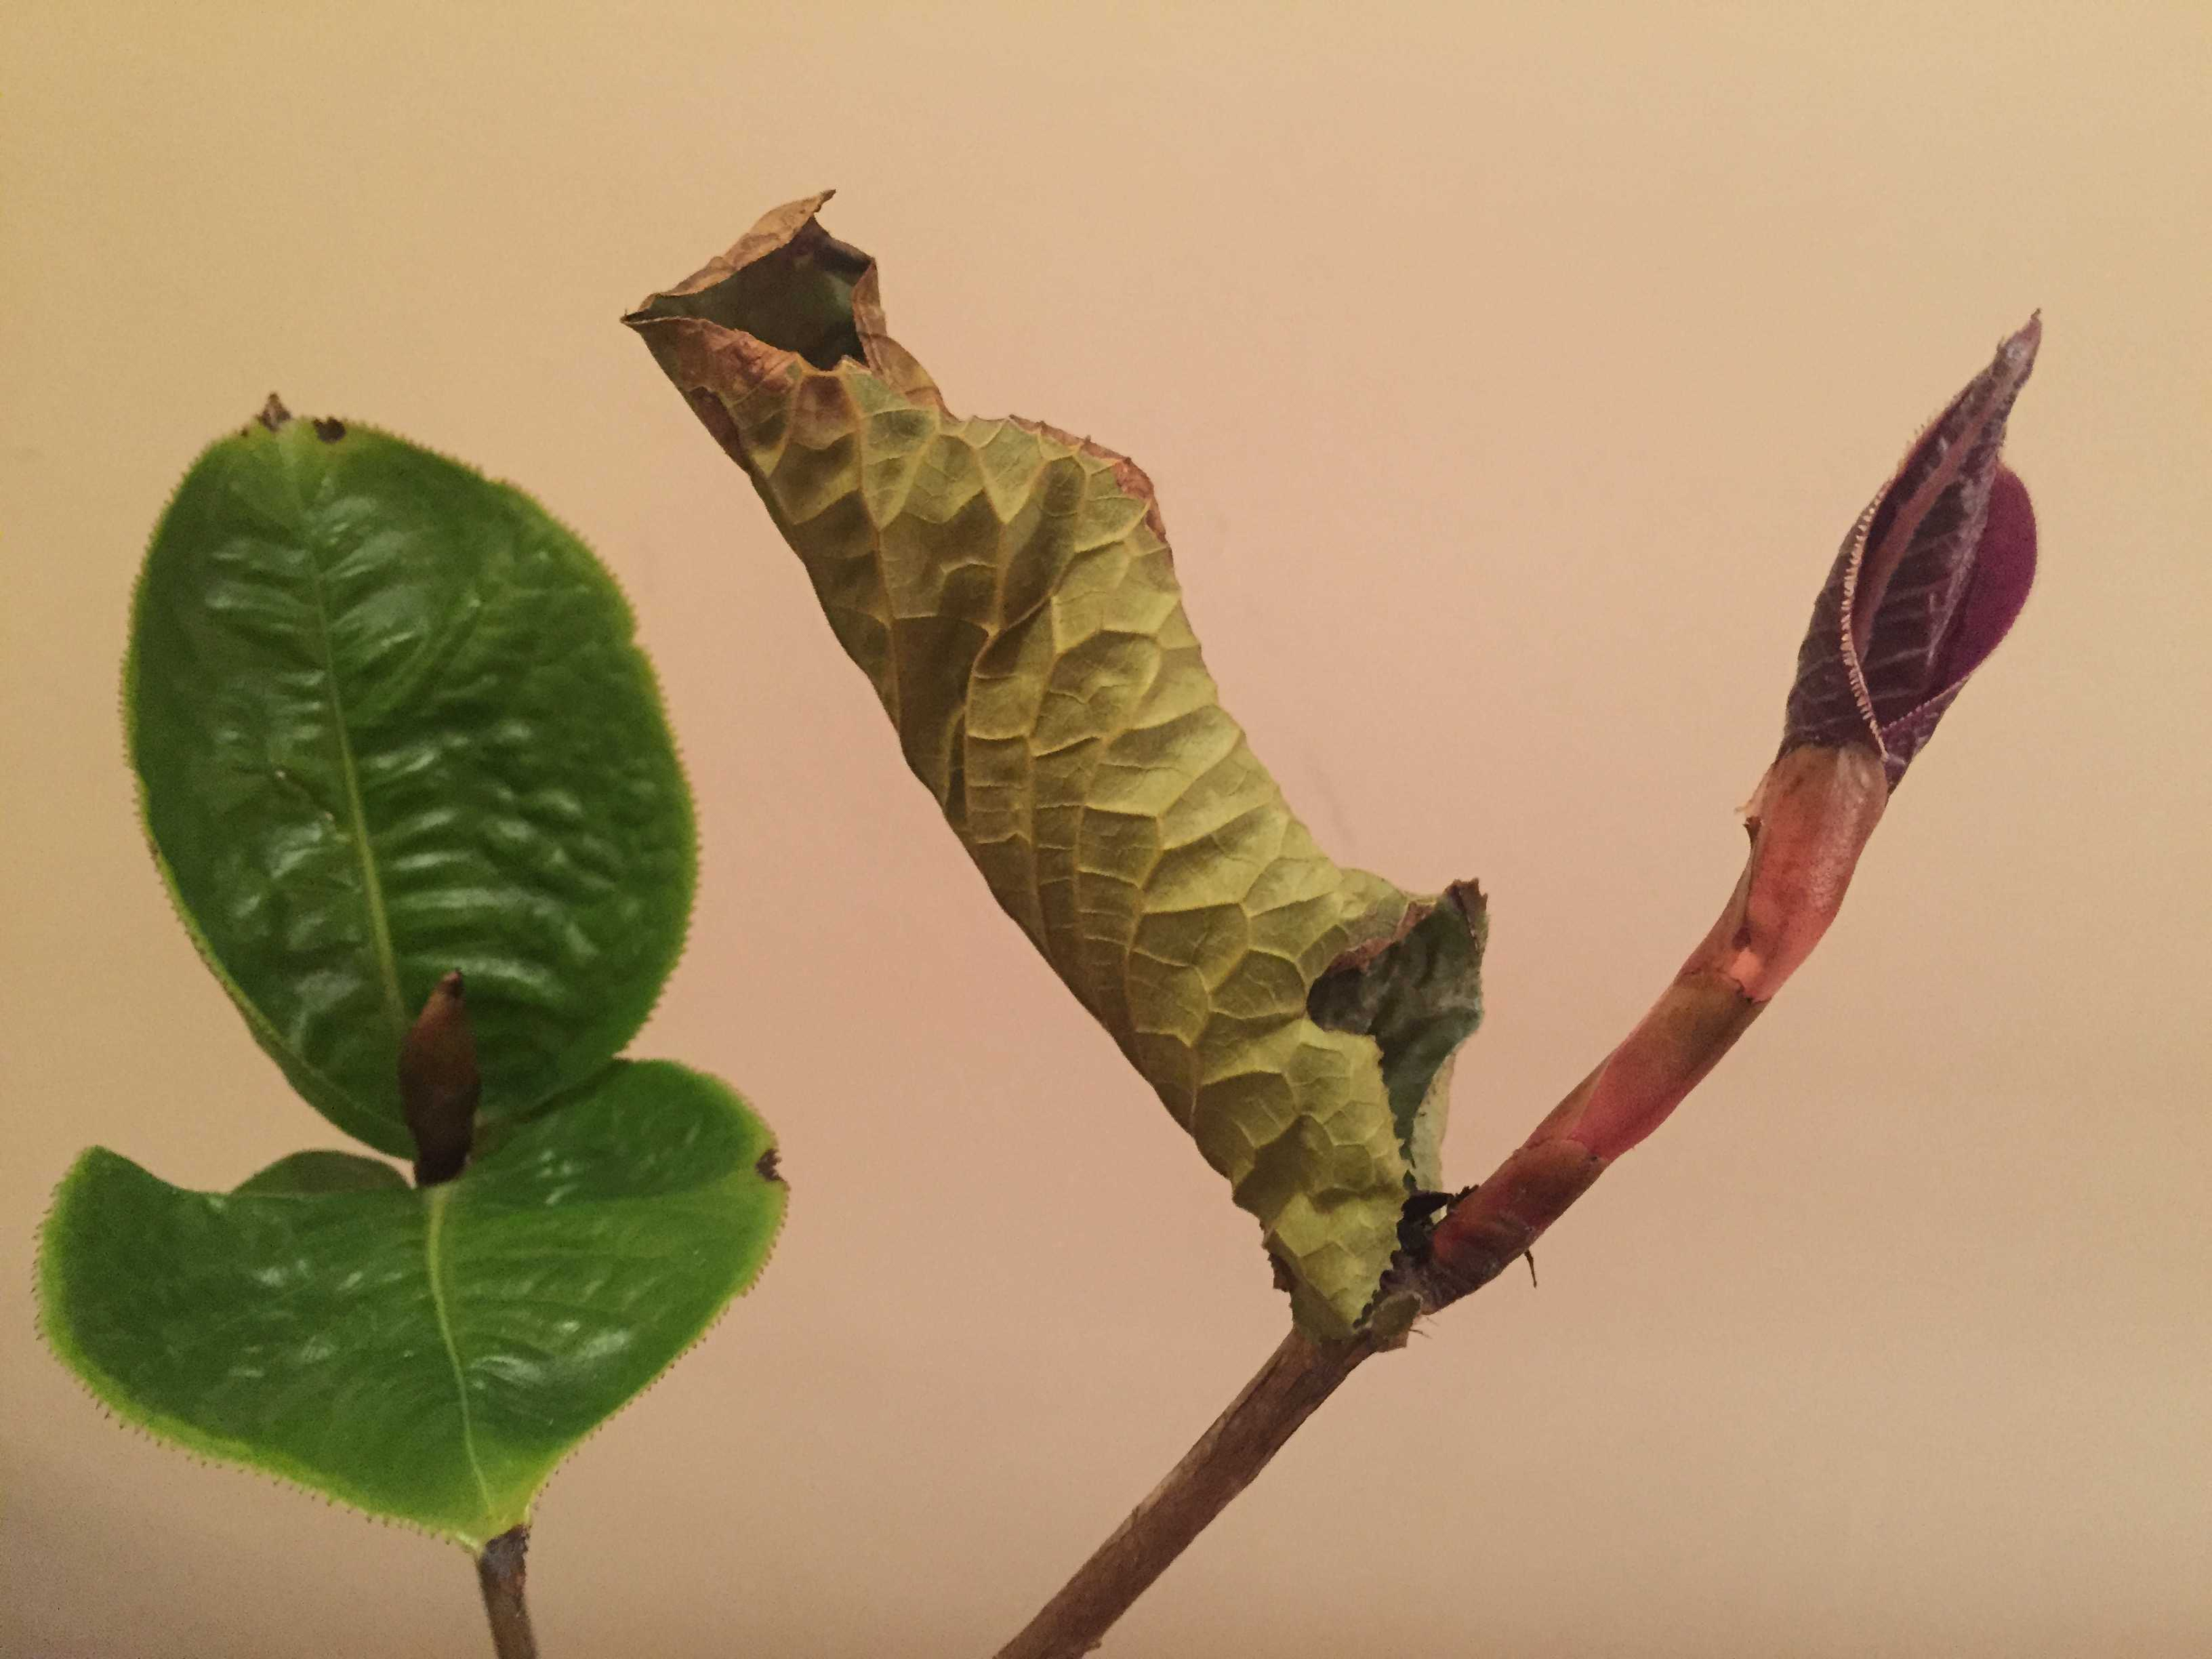 ムラウチイの葉っぱ